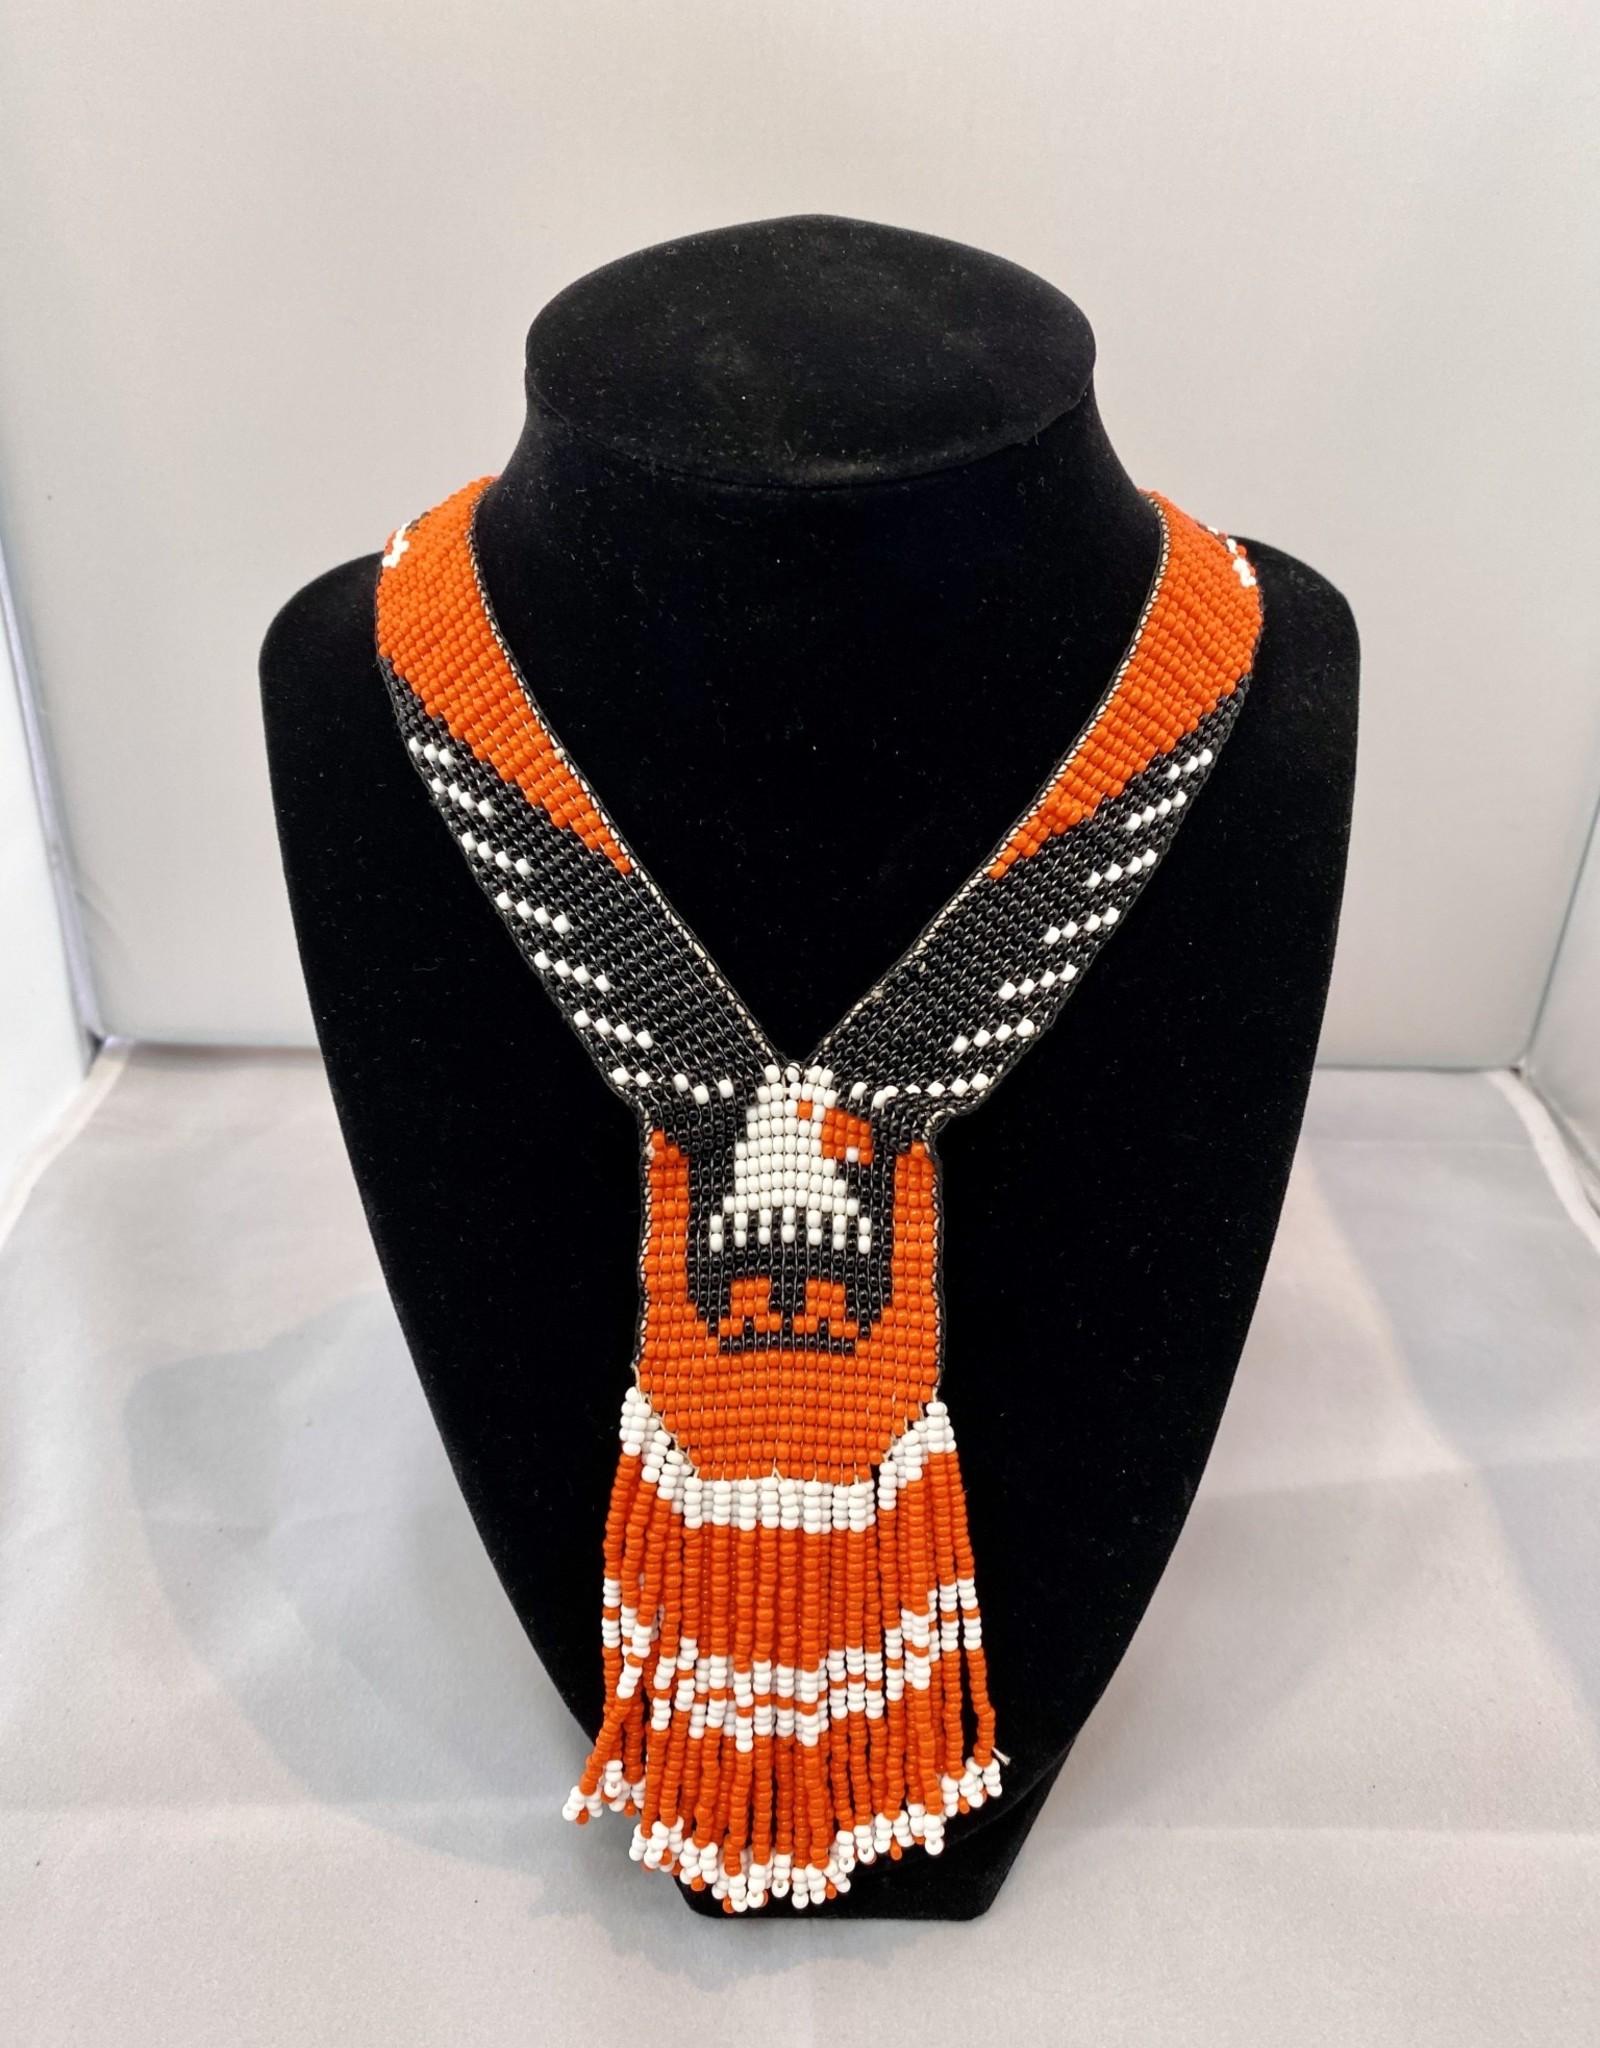 Jewelry - Native Beadwork - Queen Charlottes/Haida Gwaii